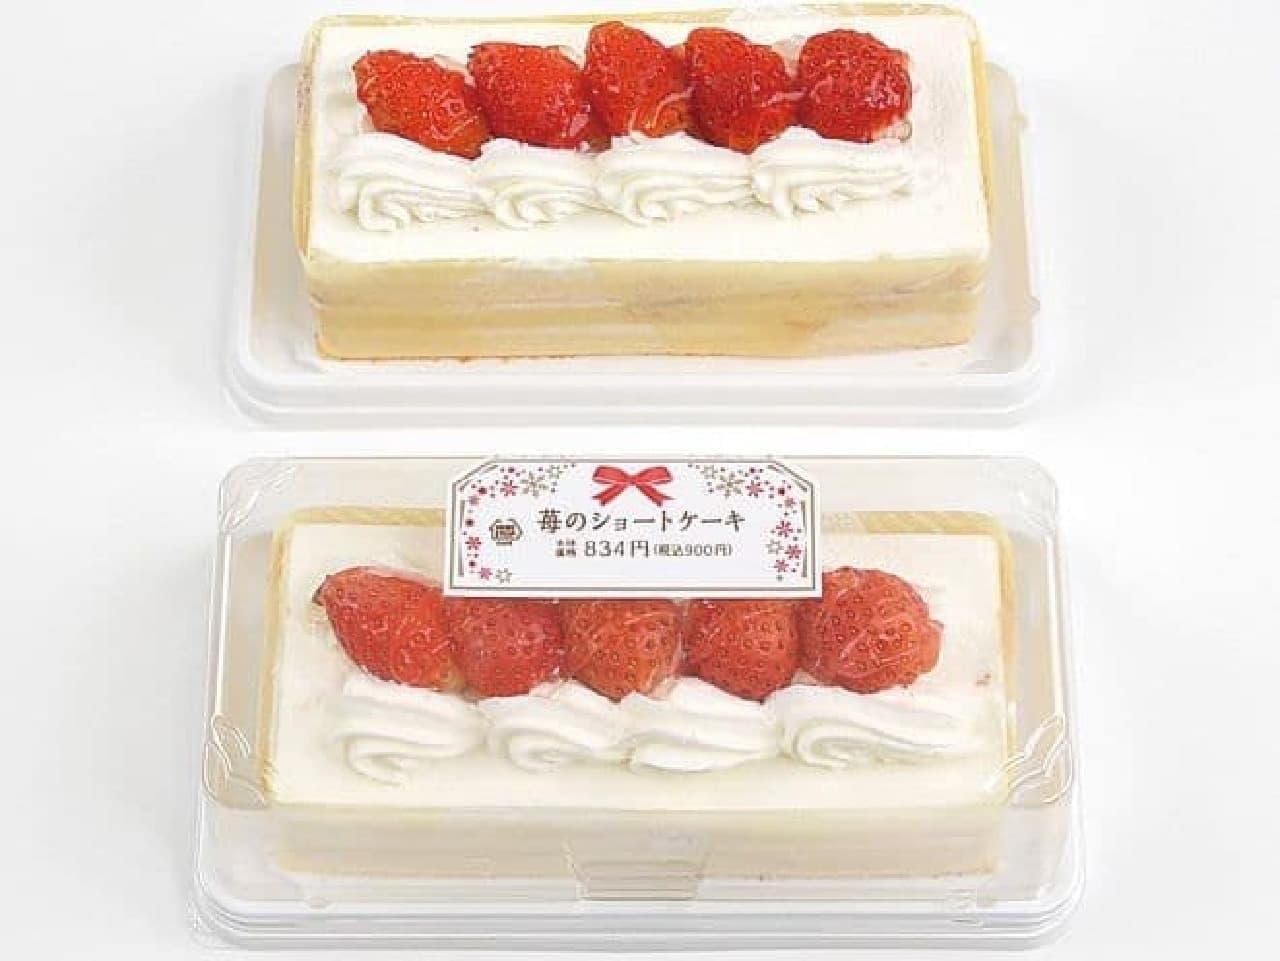 ミニストップ「苺のショートケーキ」